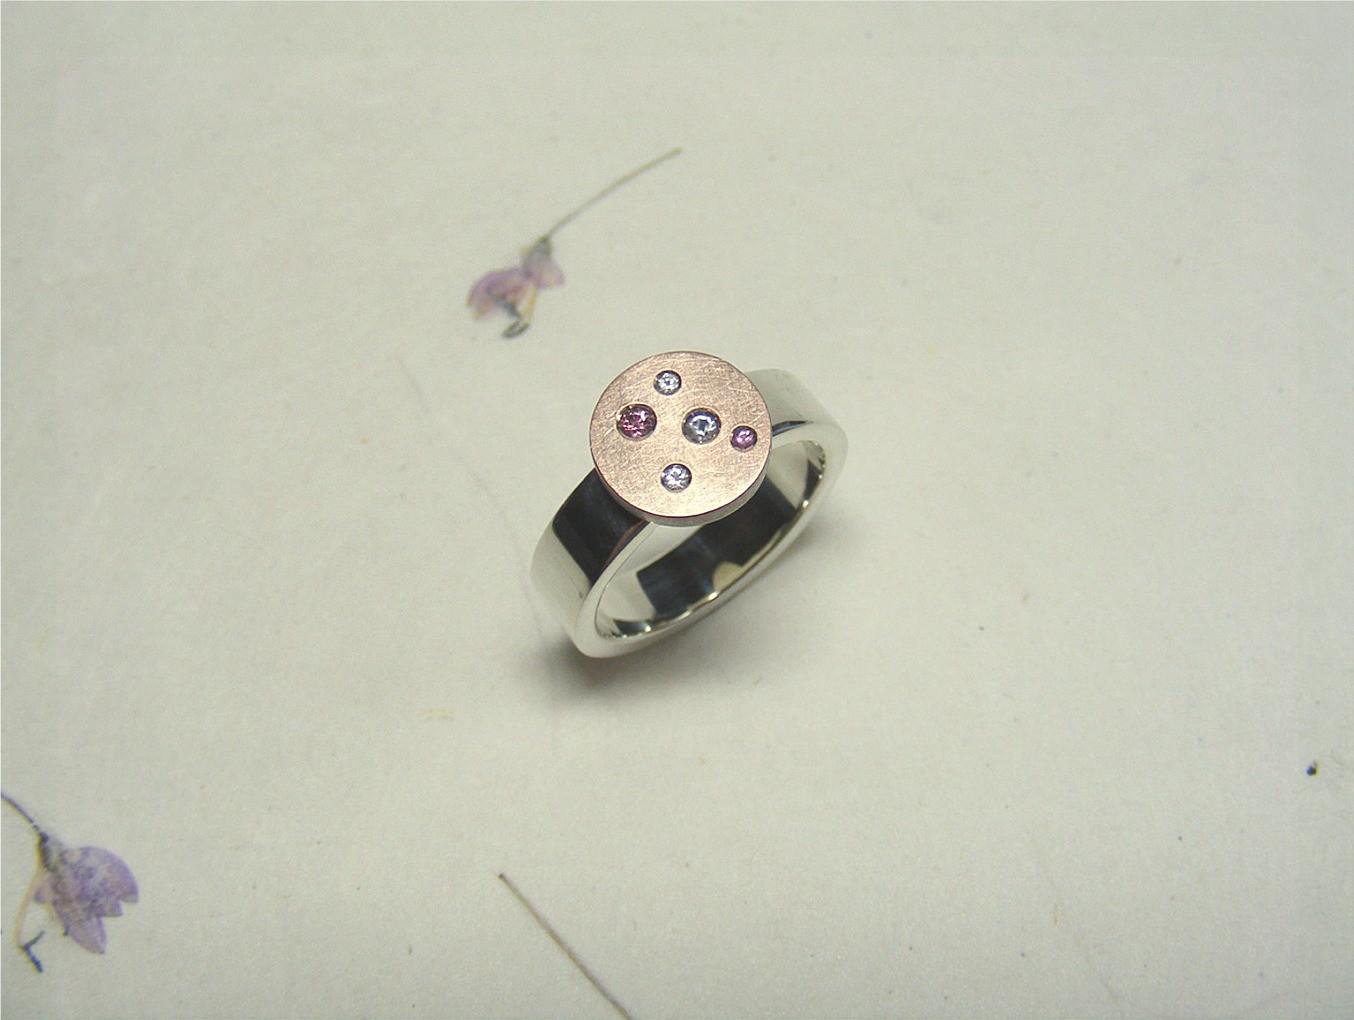 zilver, 14kt roodgoud en roze en witte korunden